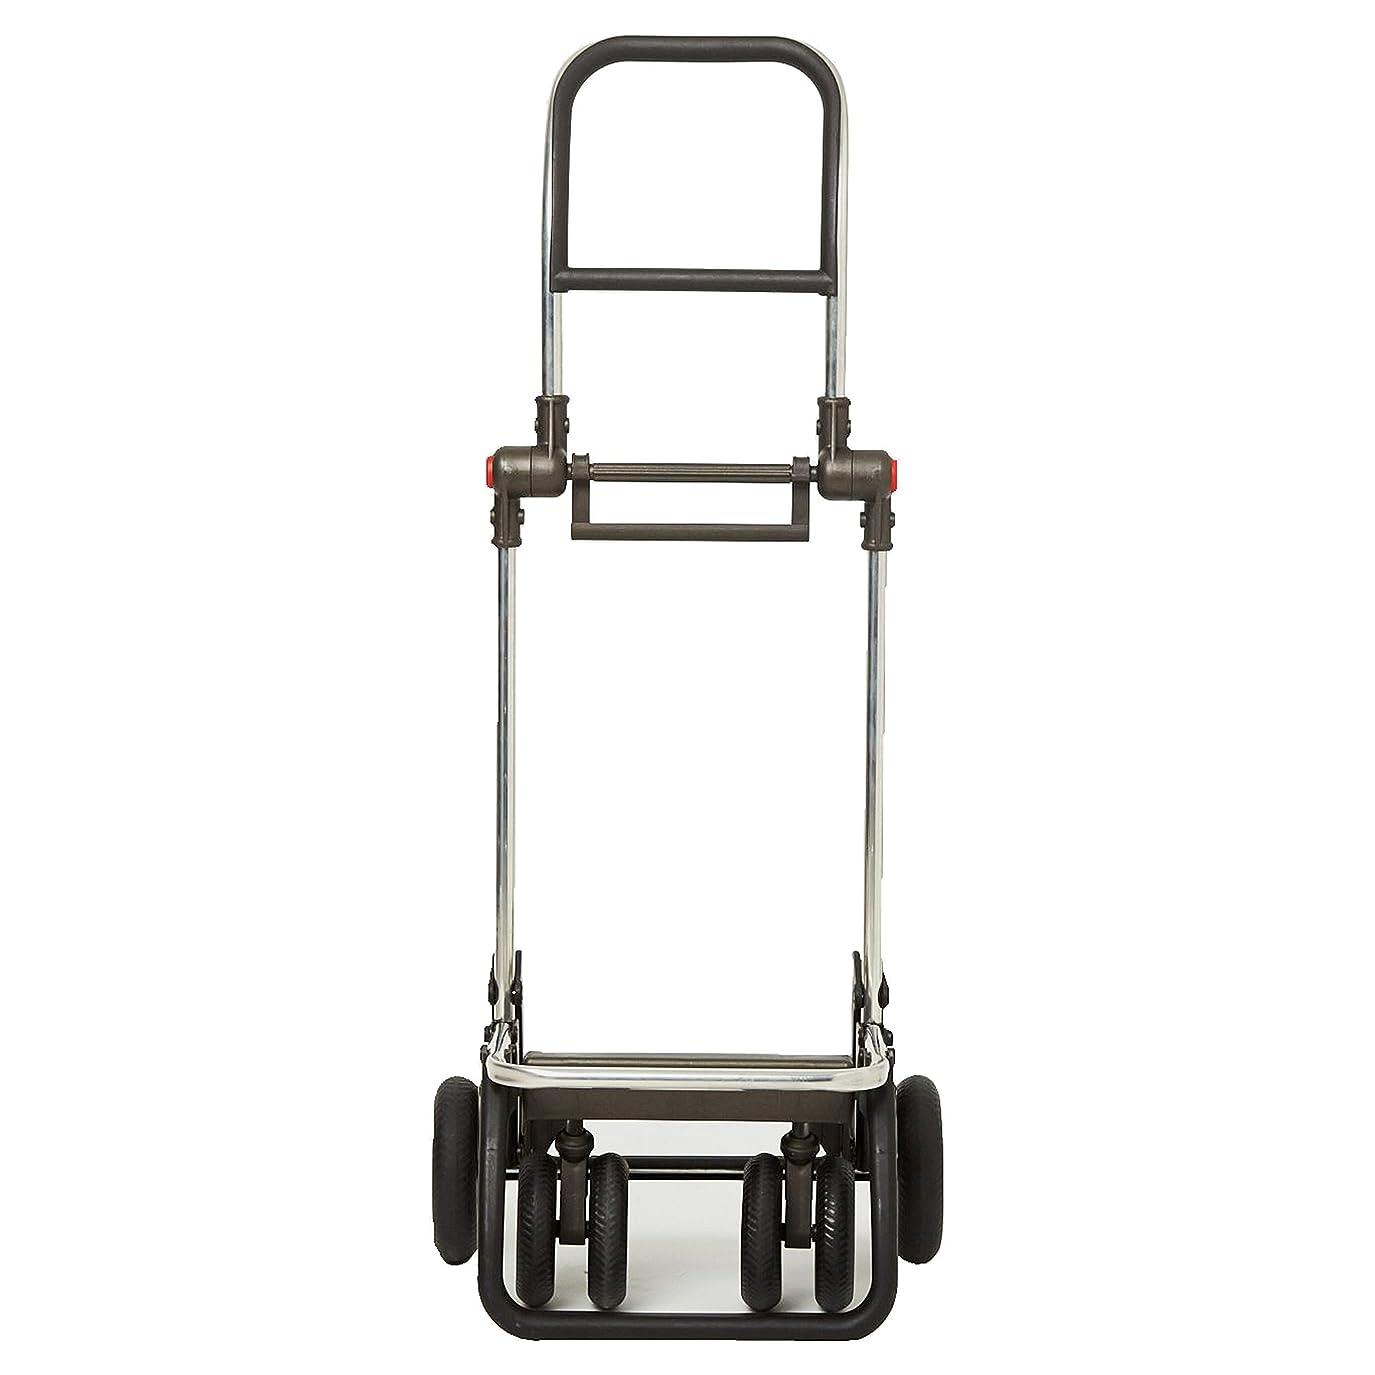 つま先飾る本部【正規輸入品】 ROLSER ショッピングカート用フレーム フレーム4輪 RS-LOGIC4